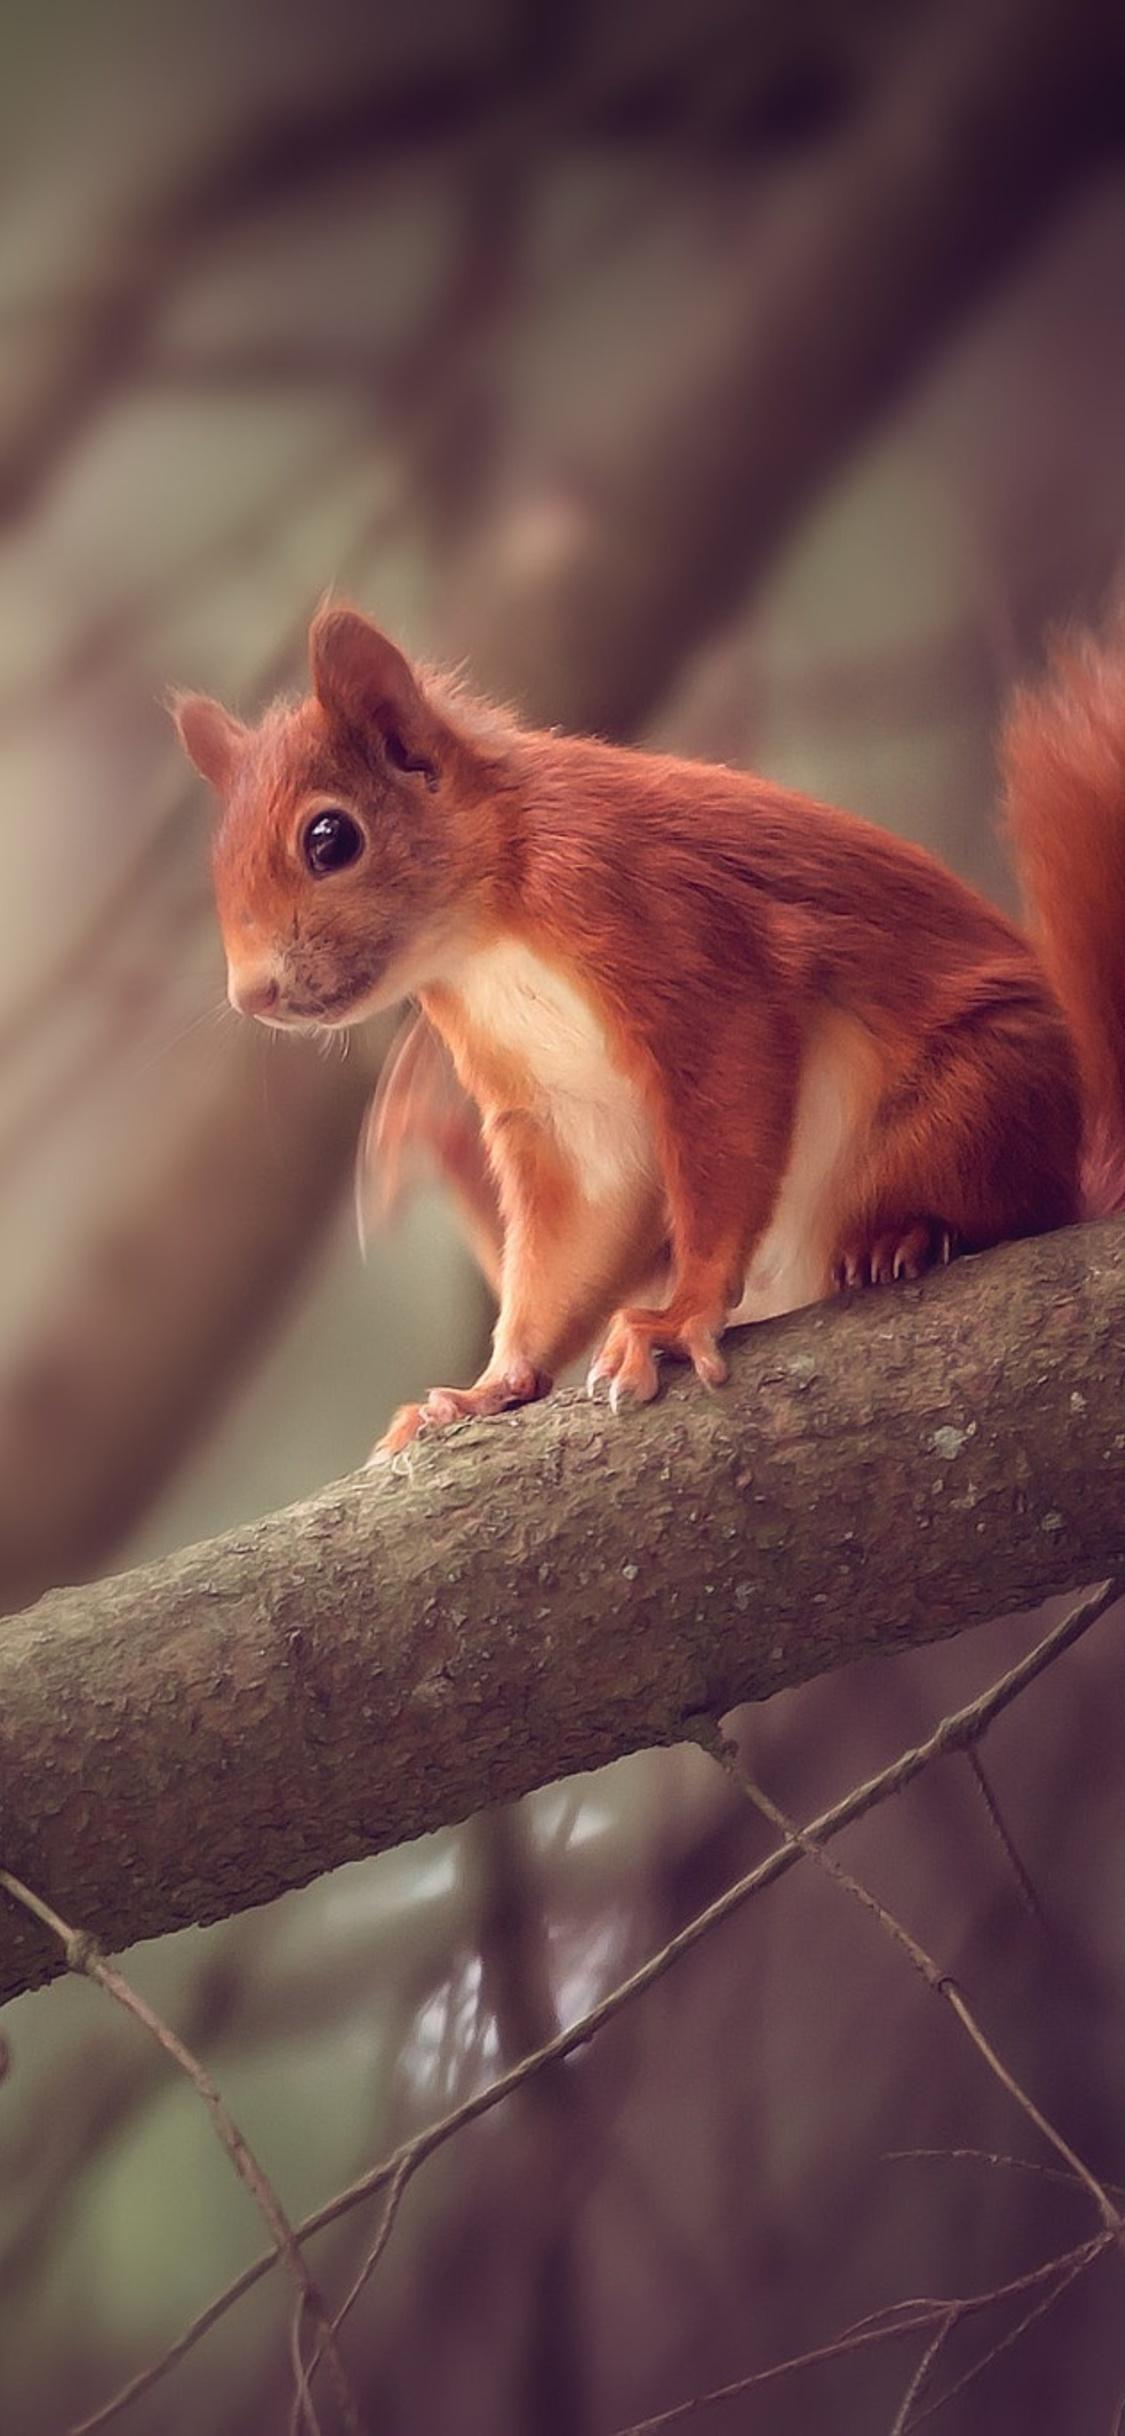 squirrel-sitting-on-branch-yv.jpg